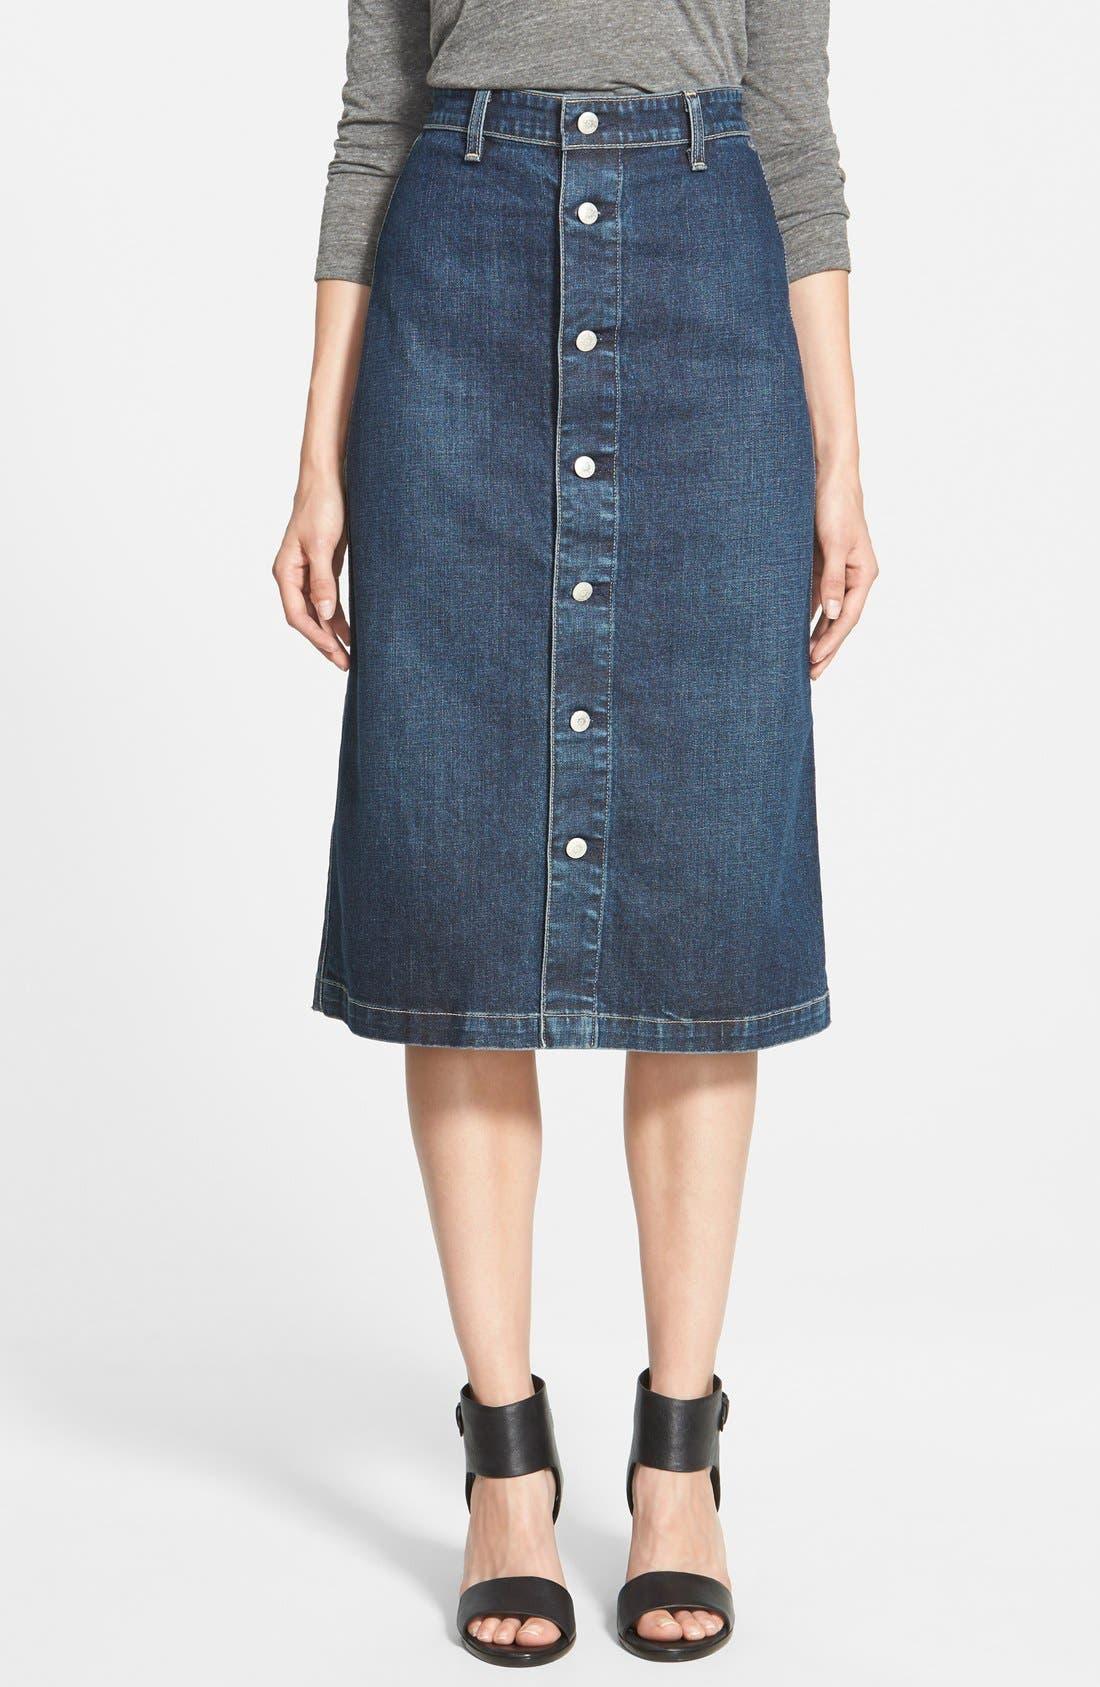 Alexa Chung For Ag Cool Denim Skirt Nordstrom